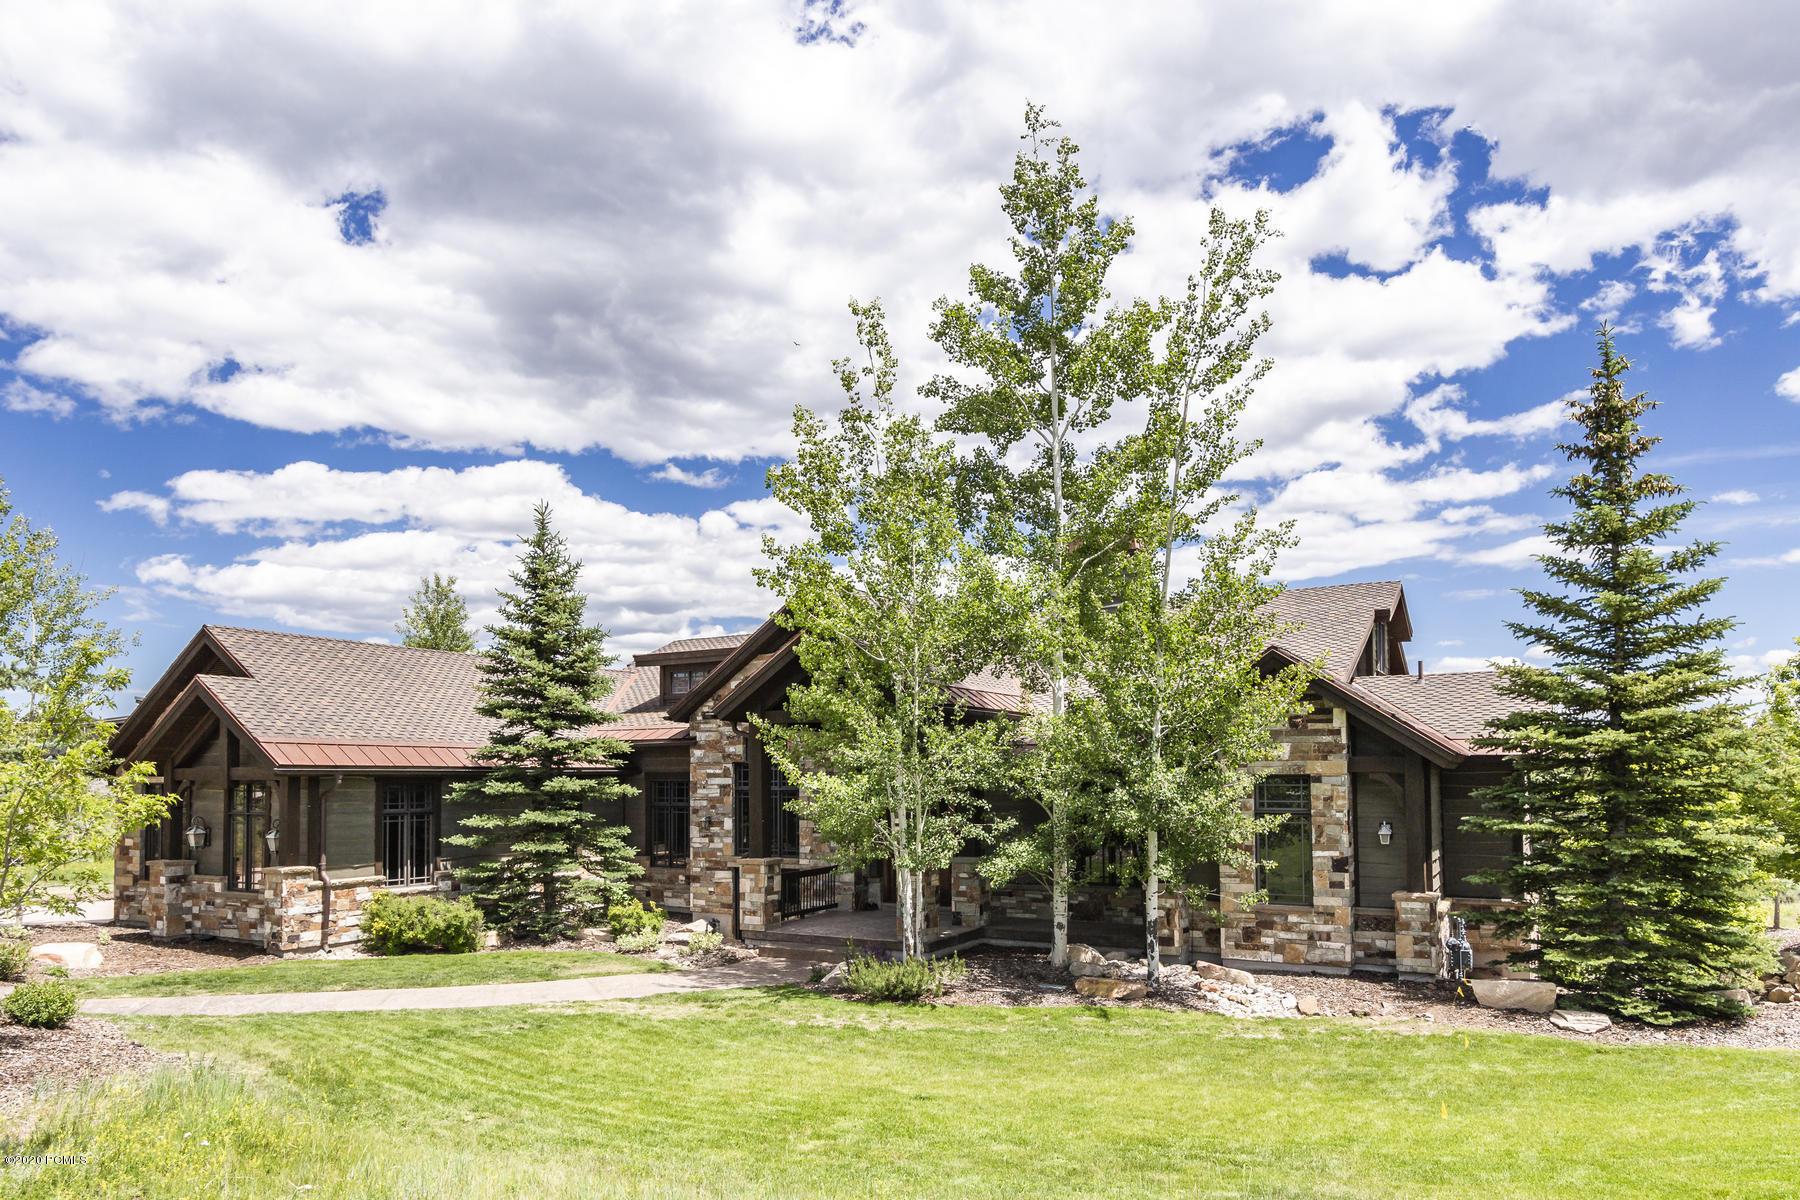 710 Hollyhock Street, Park City, Utah 84098, 5 Bedrooms Bedrooms, ,7 BathroomsBathrooms,Single Family,For Sale,Hollyhock,20190109112430415765000000